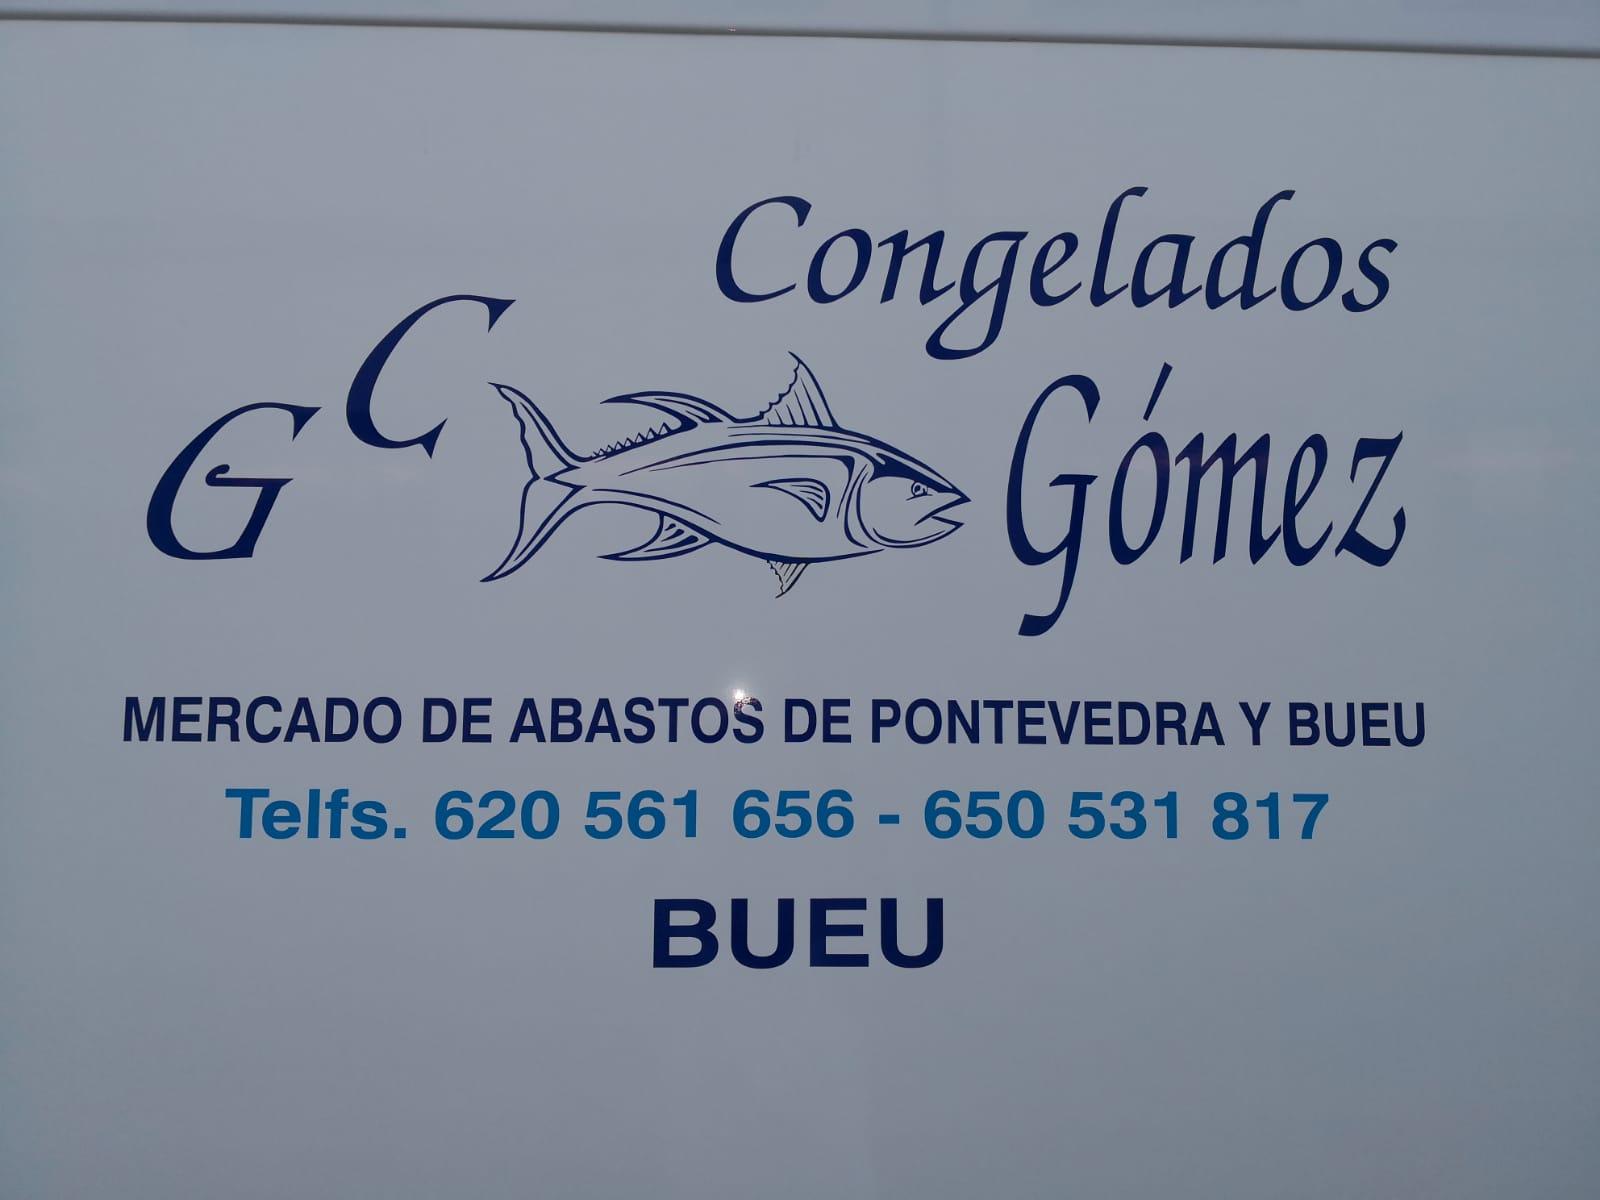 Logotipo CONGELADOS GÓMEZ